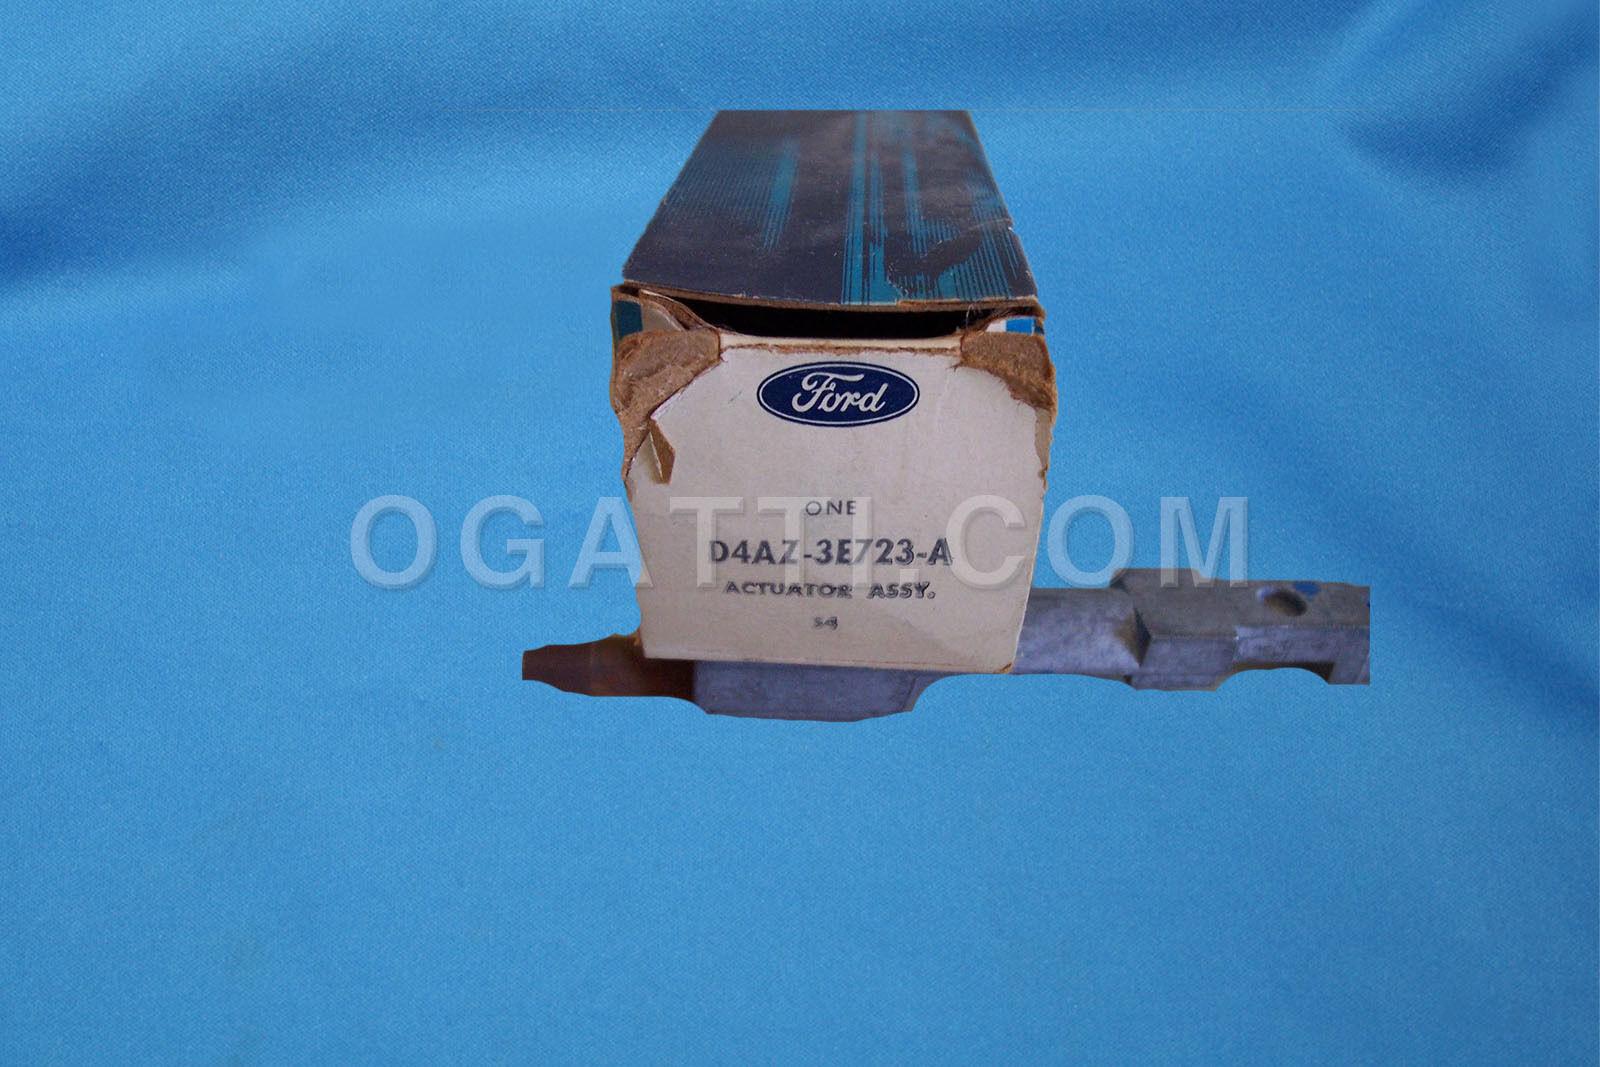 Brand New OEM ACTUATOR ASY D4AZ-3E723-A |3E723|